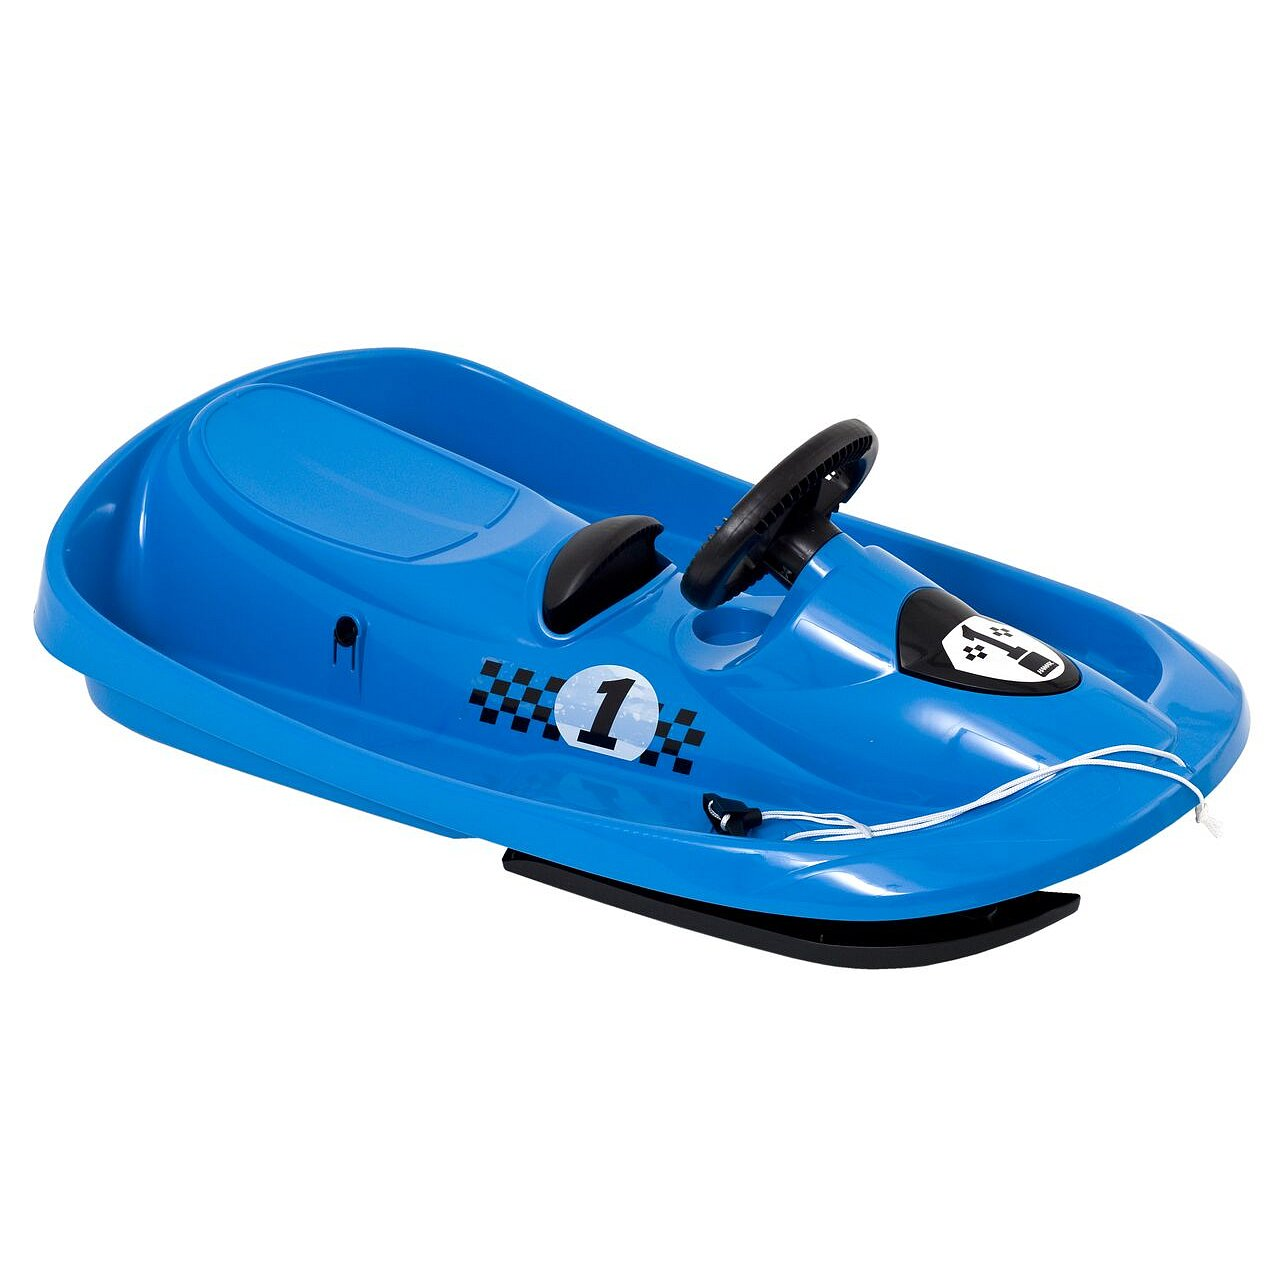 HAMAX Sněžný bob Sno Formel - bledě modrý